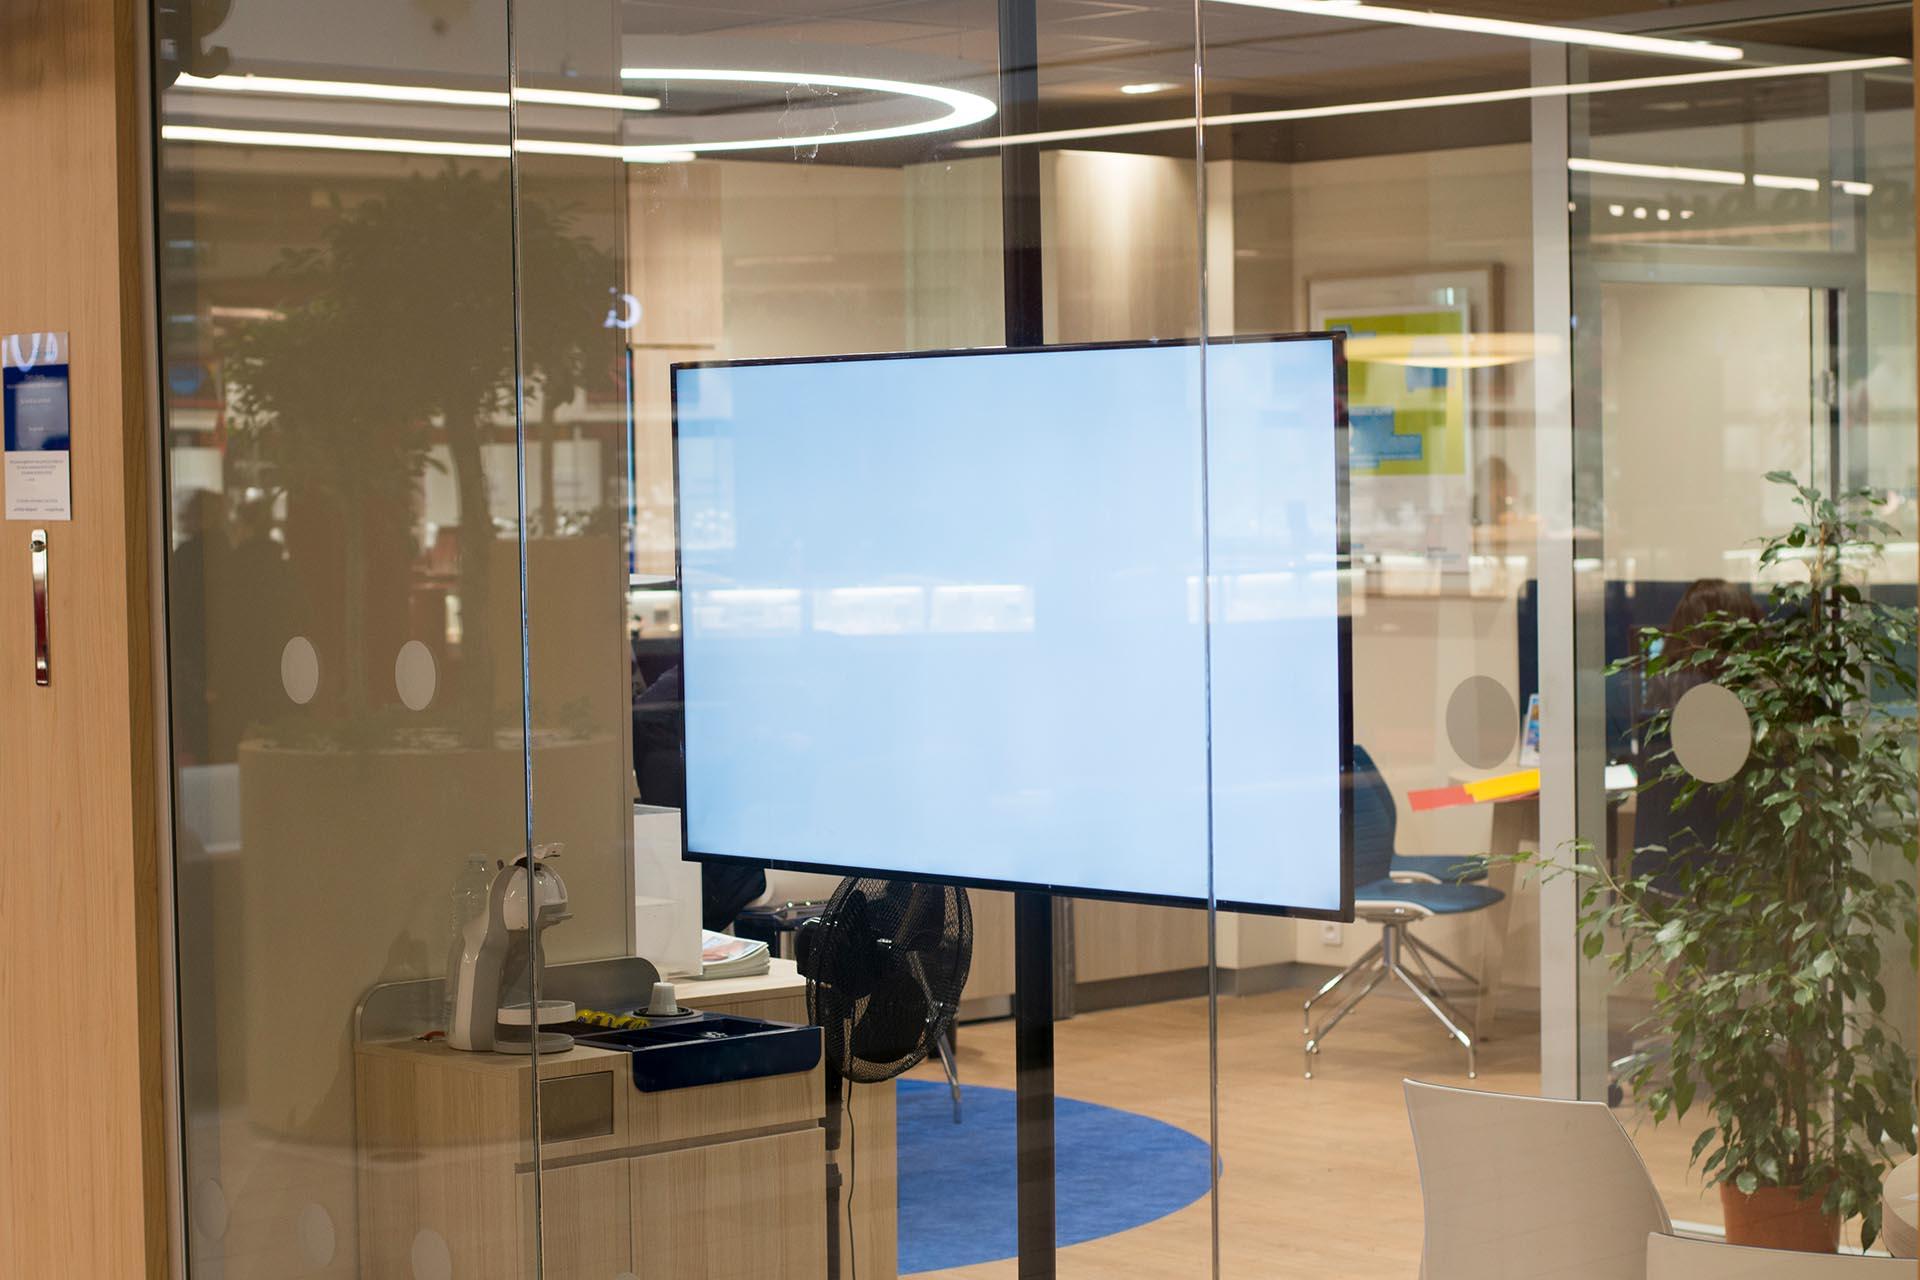 AV Installation